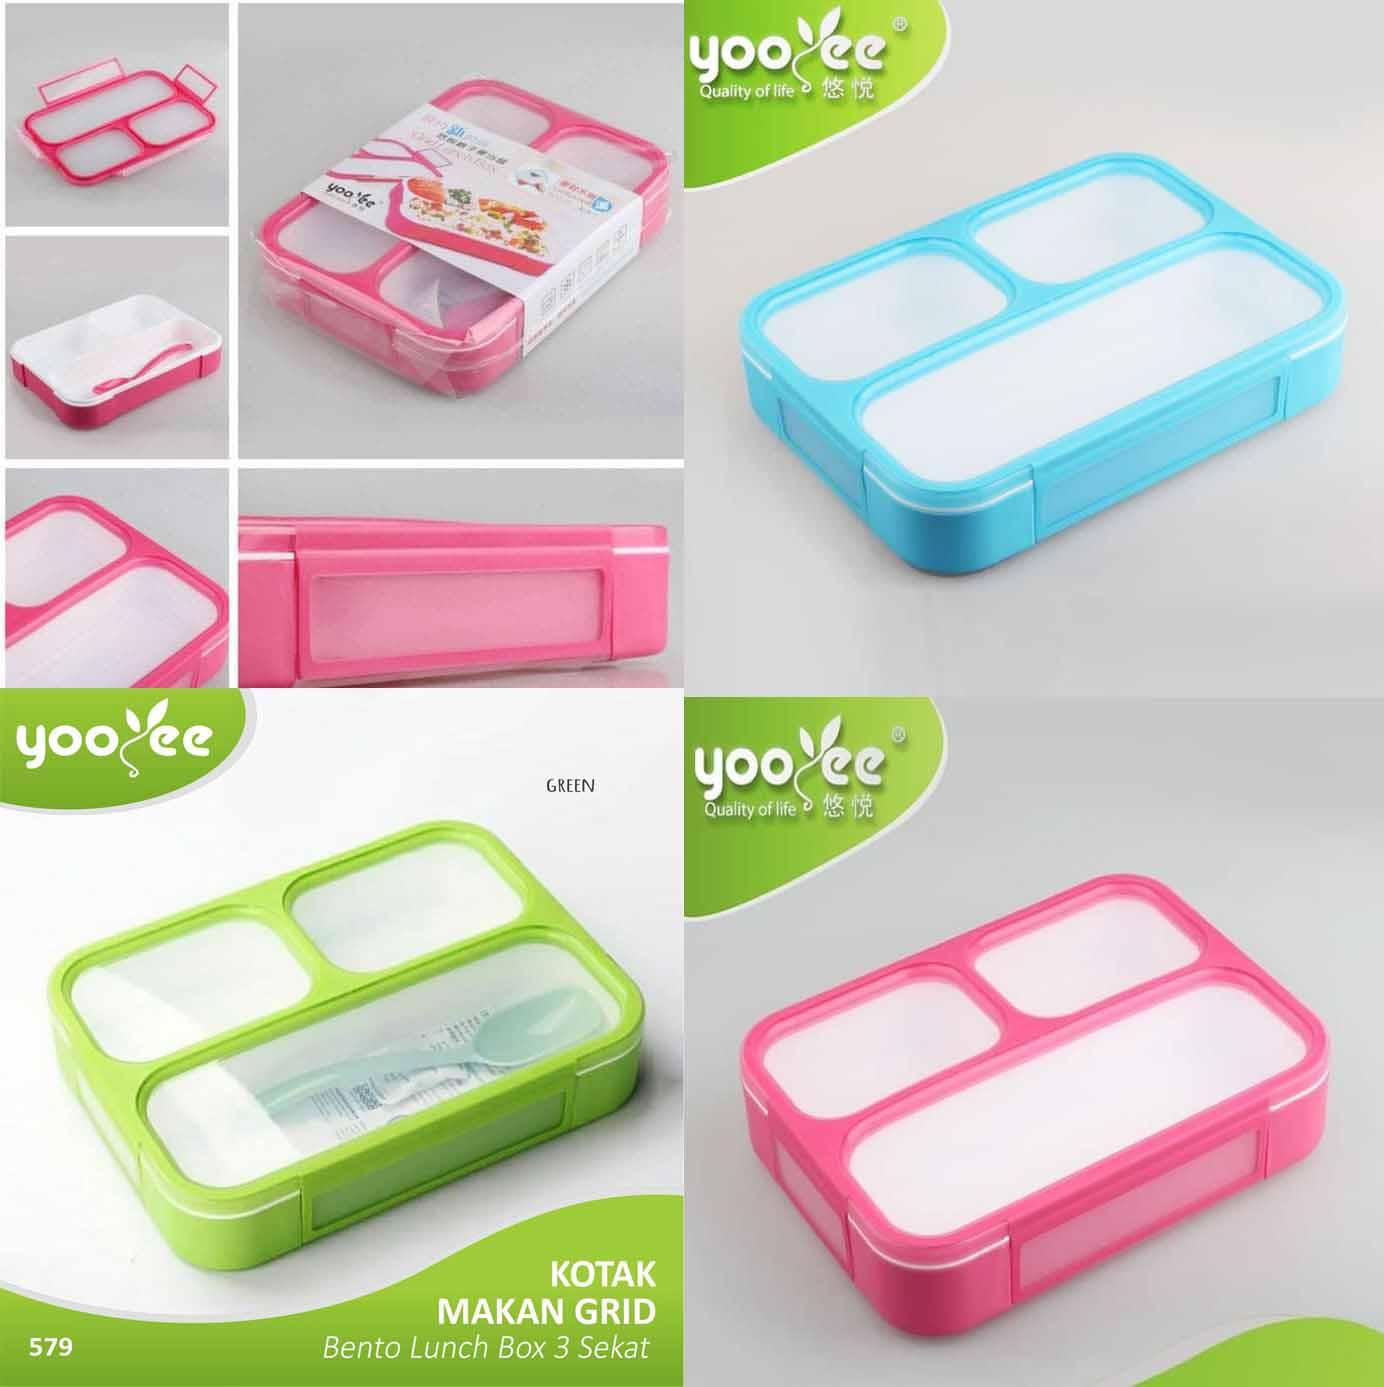 toko mainan online YOOYEE 3 / 4 SEKAT POLOS - 578 / 579